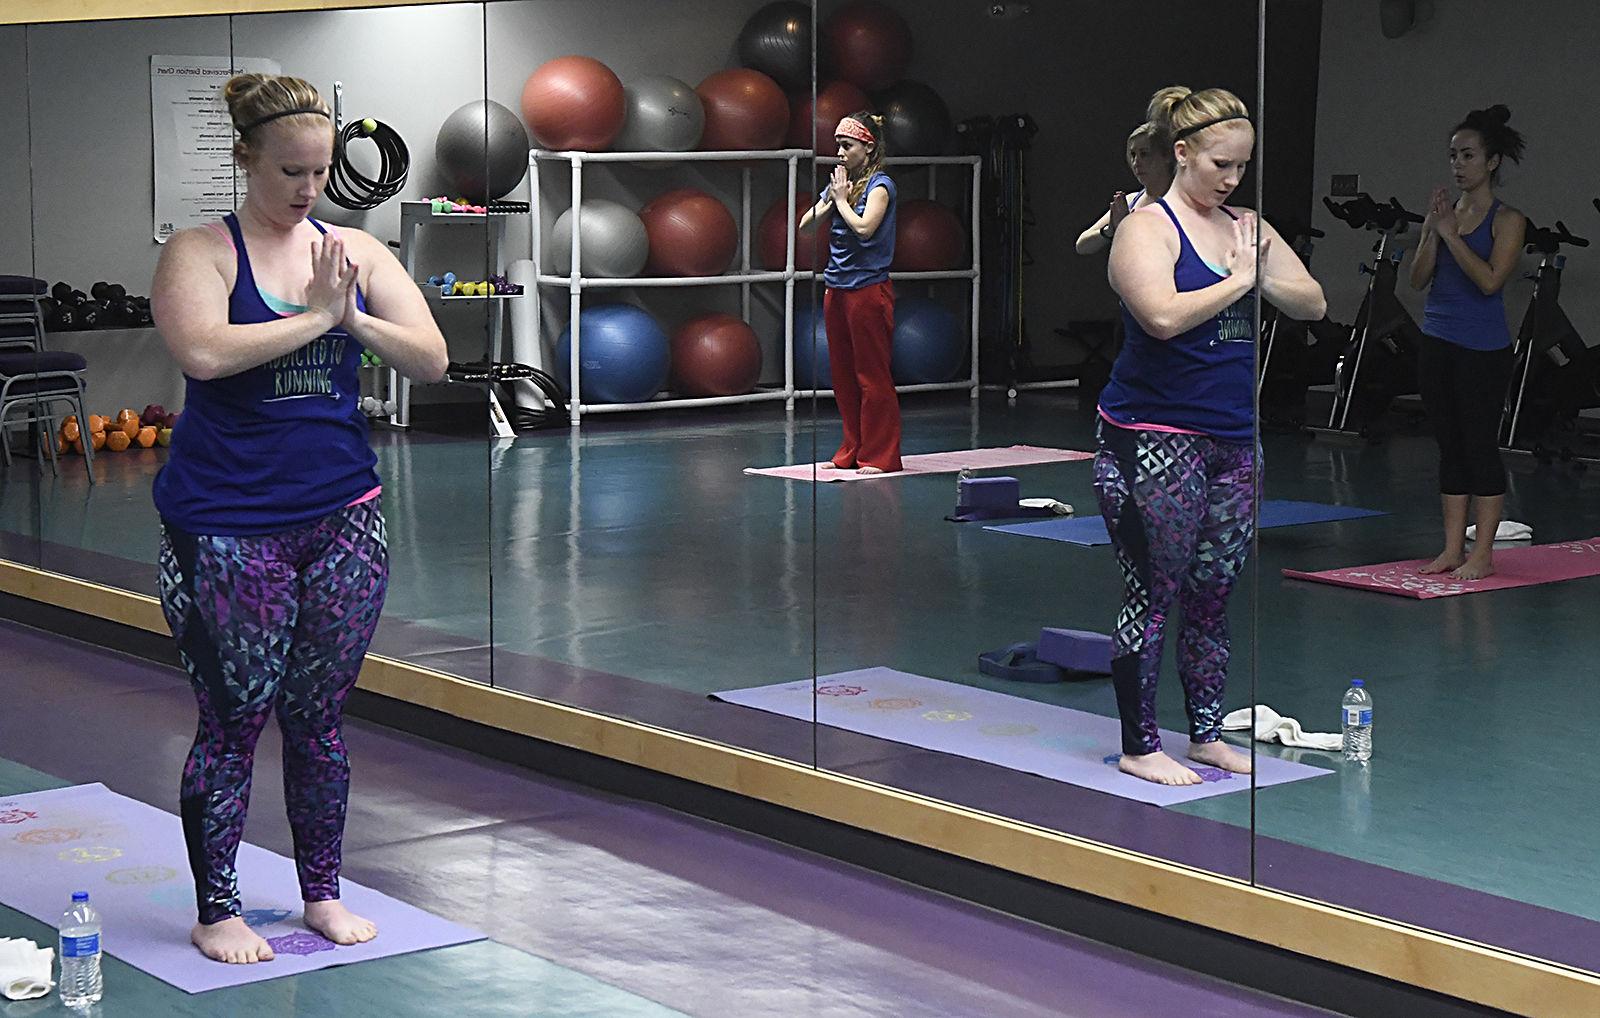 Yoga enid ok